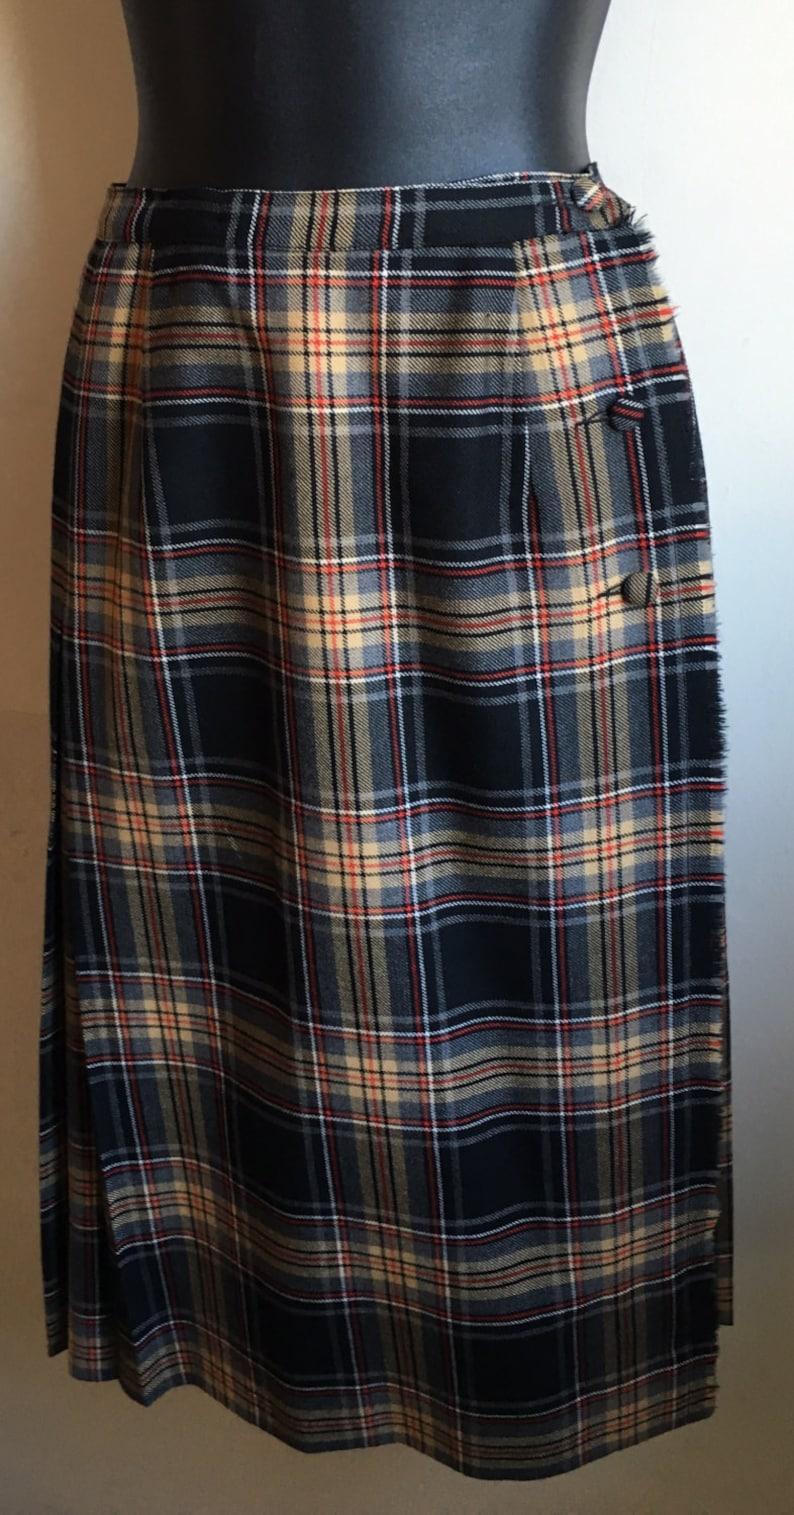 e74ff78d84 Vintage 70s Style A-Line skirt Plaid Blanket Skirt Aljean | Etsy